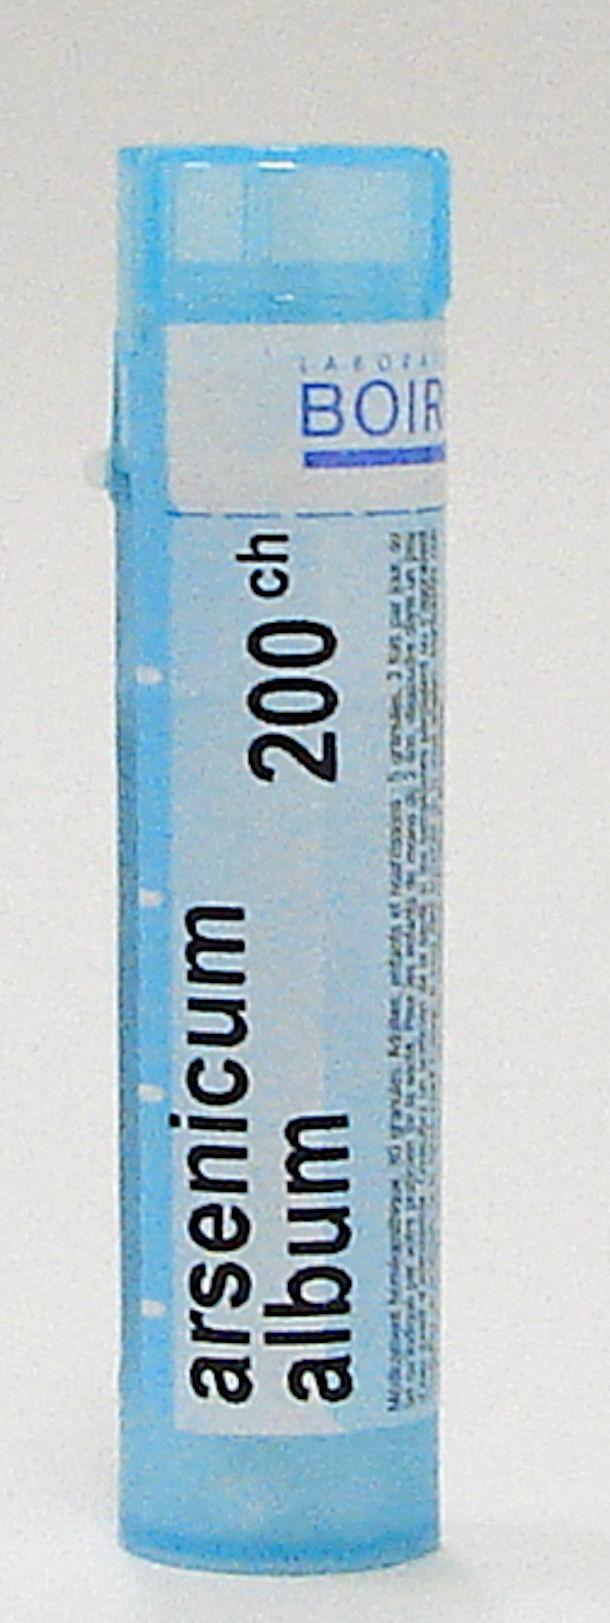 arsenicum album 200 ch sublingual pellets (boiron)